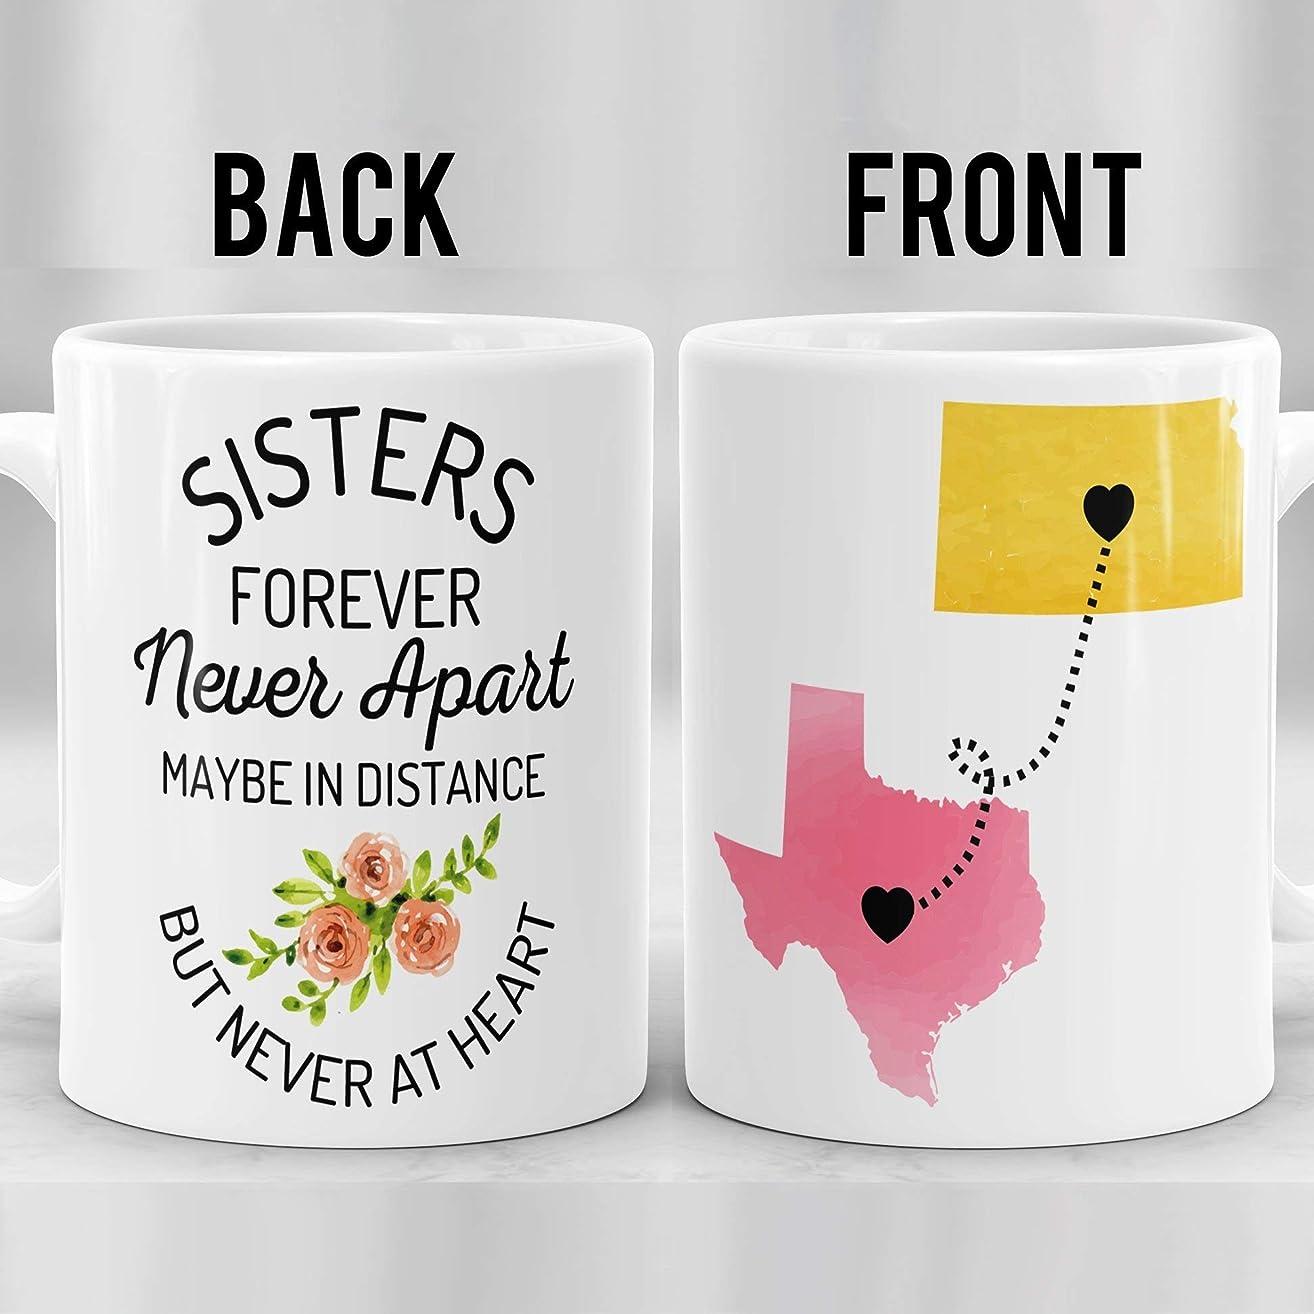 Sisters Long Distance Mug, Sisters Mug, Sister Gift, Birthday Gift for Sister, Sister Moving Mug, Sisters State To State Mug